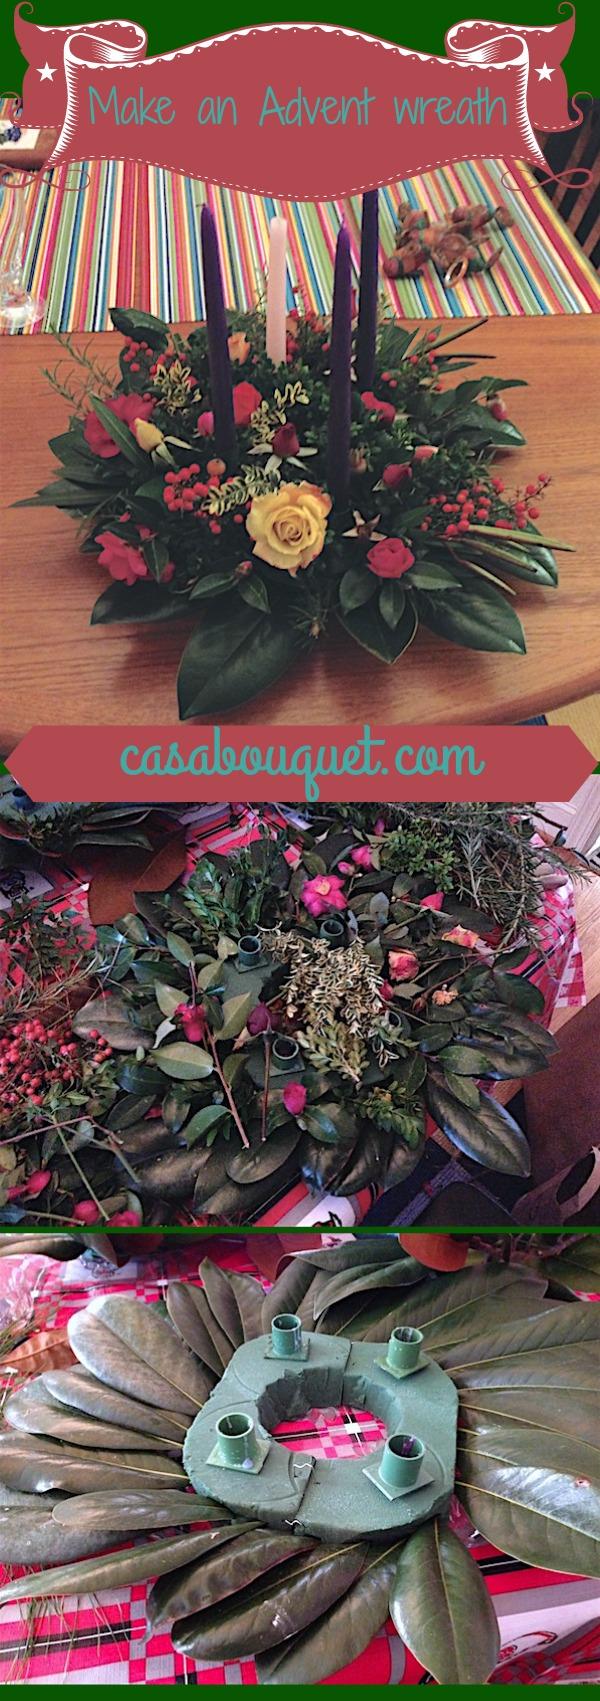 make an advent wreath casa bouquet